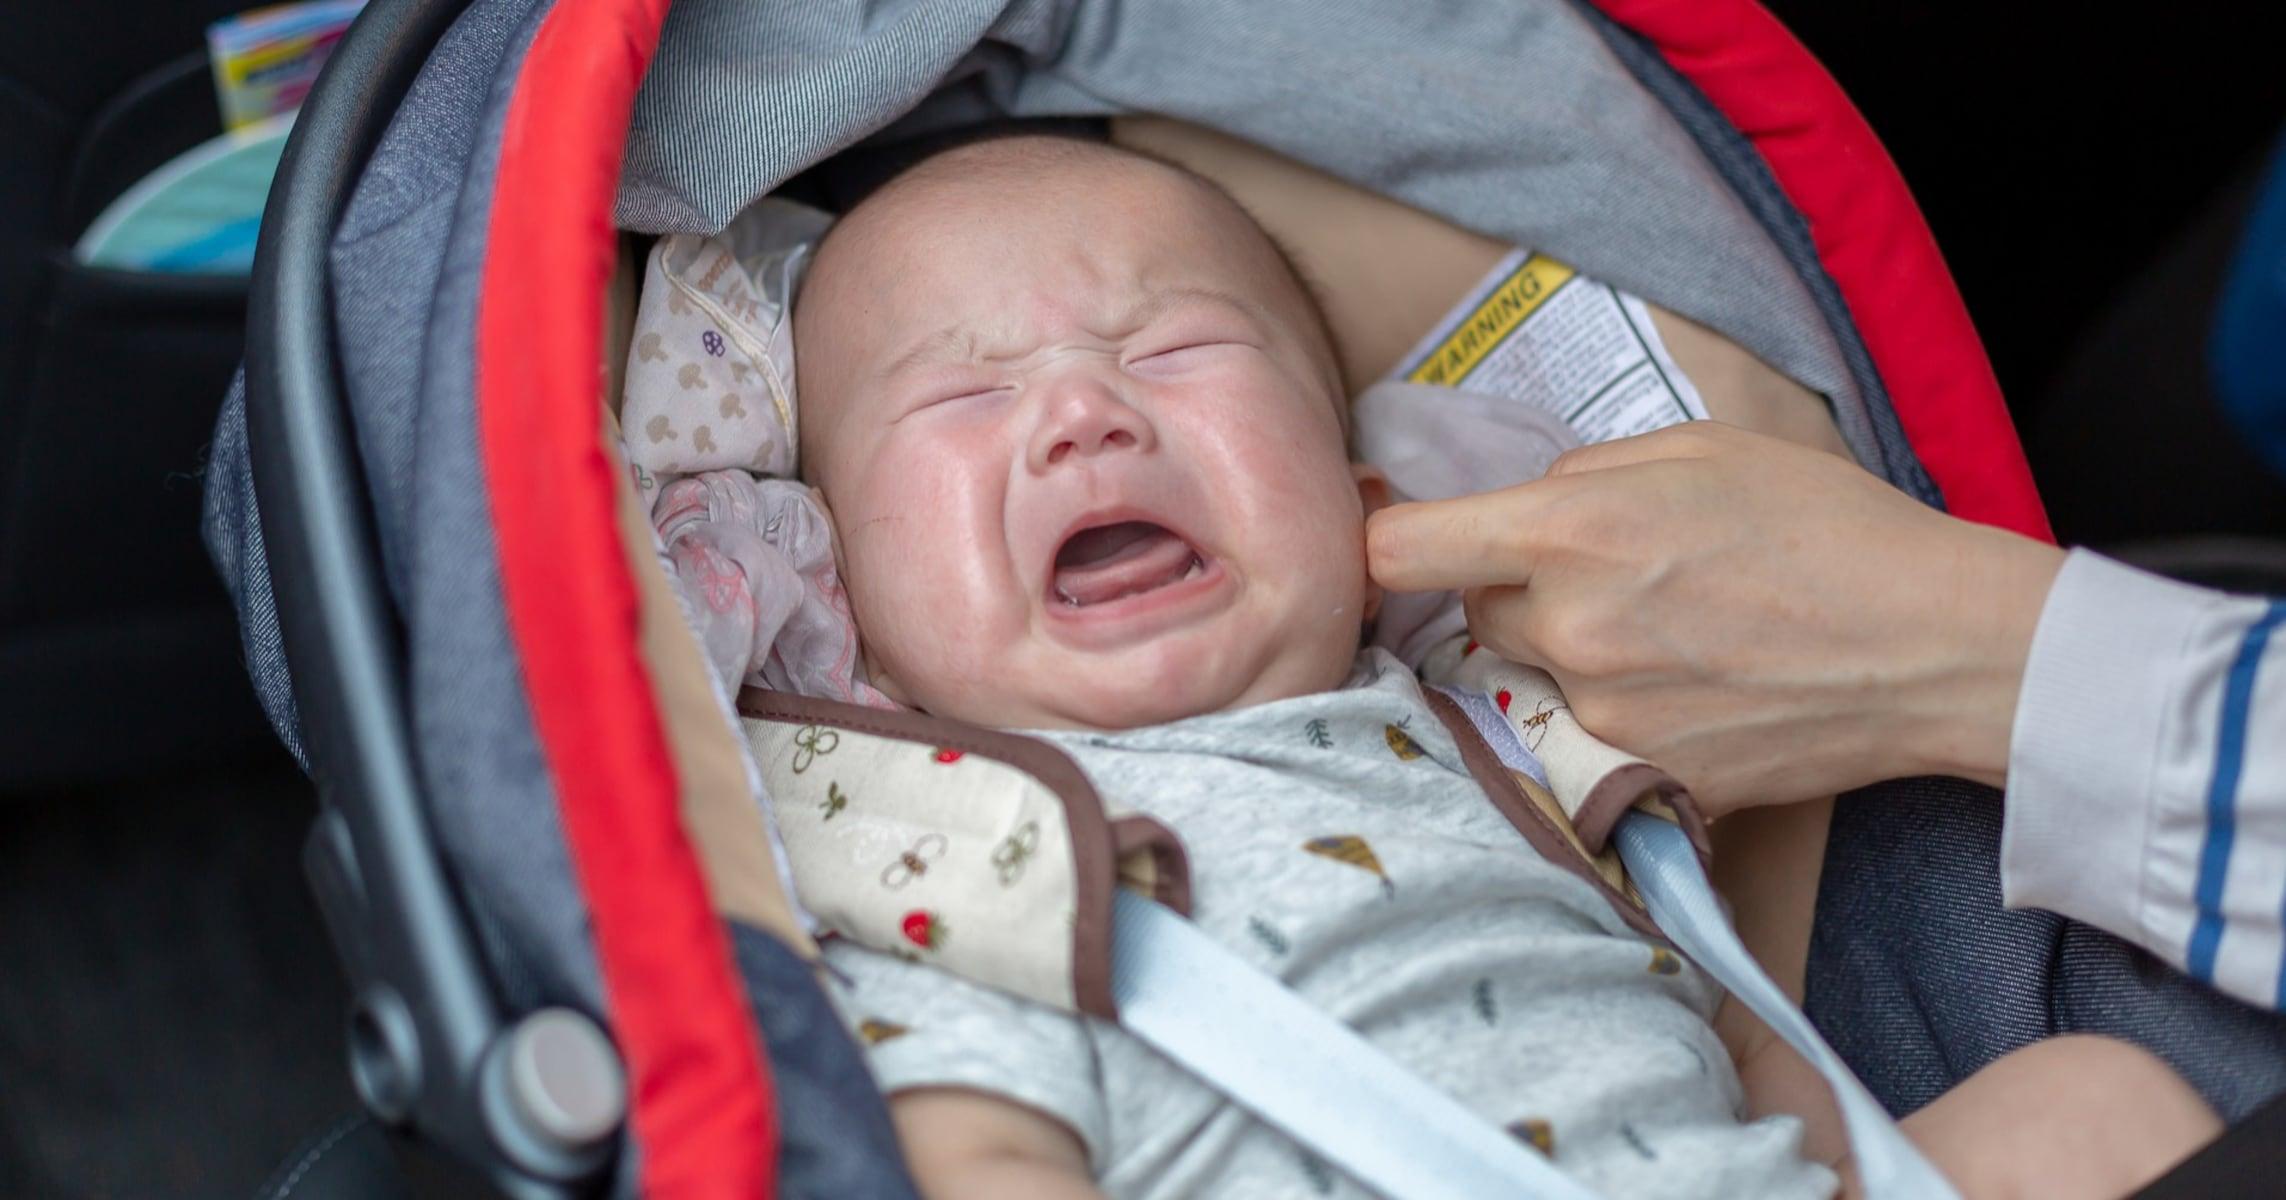 新幹線内で泣き止まない赤ちゃんに怒った男性がクレーム。車掌さんのまさかの対応に「最高」「良い話」と称賛の嵐